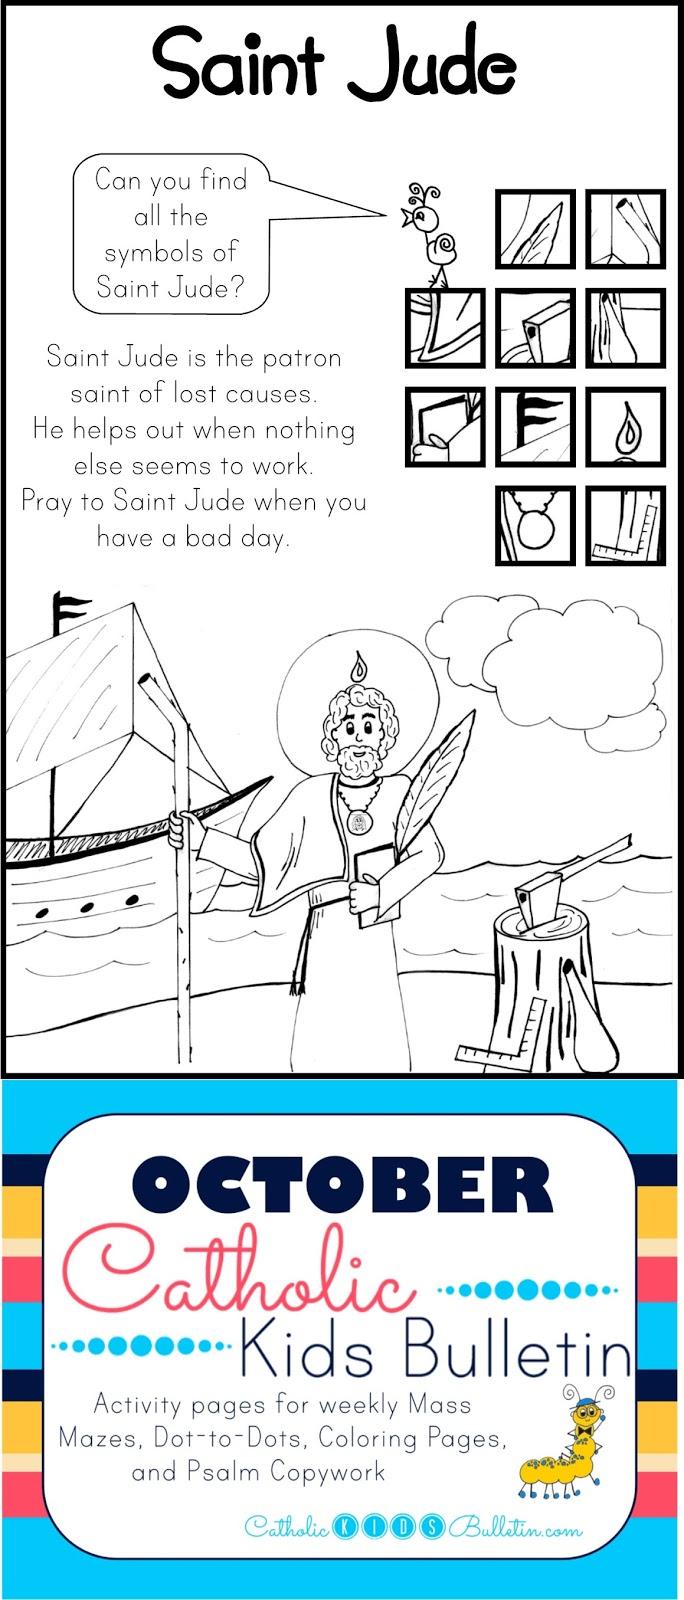 Catholic Kids October Catholic Kids Bulletin